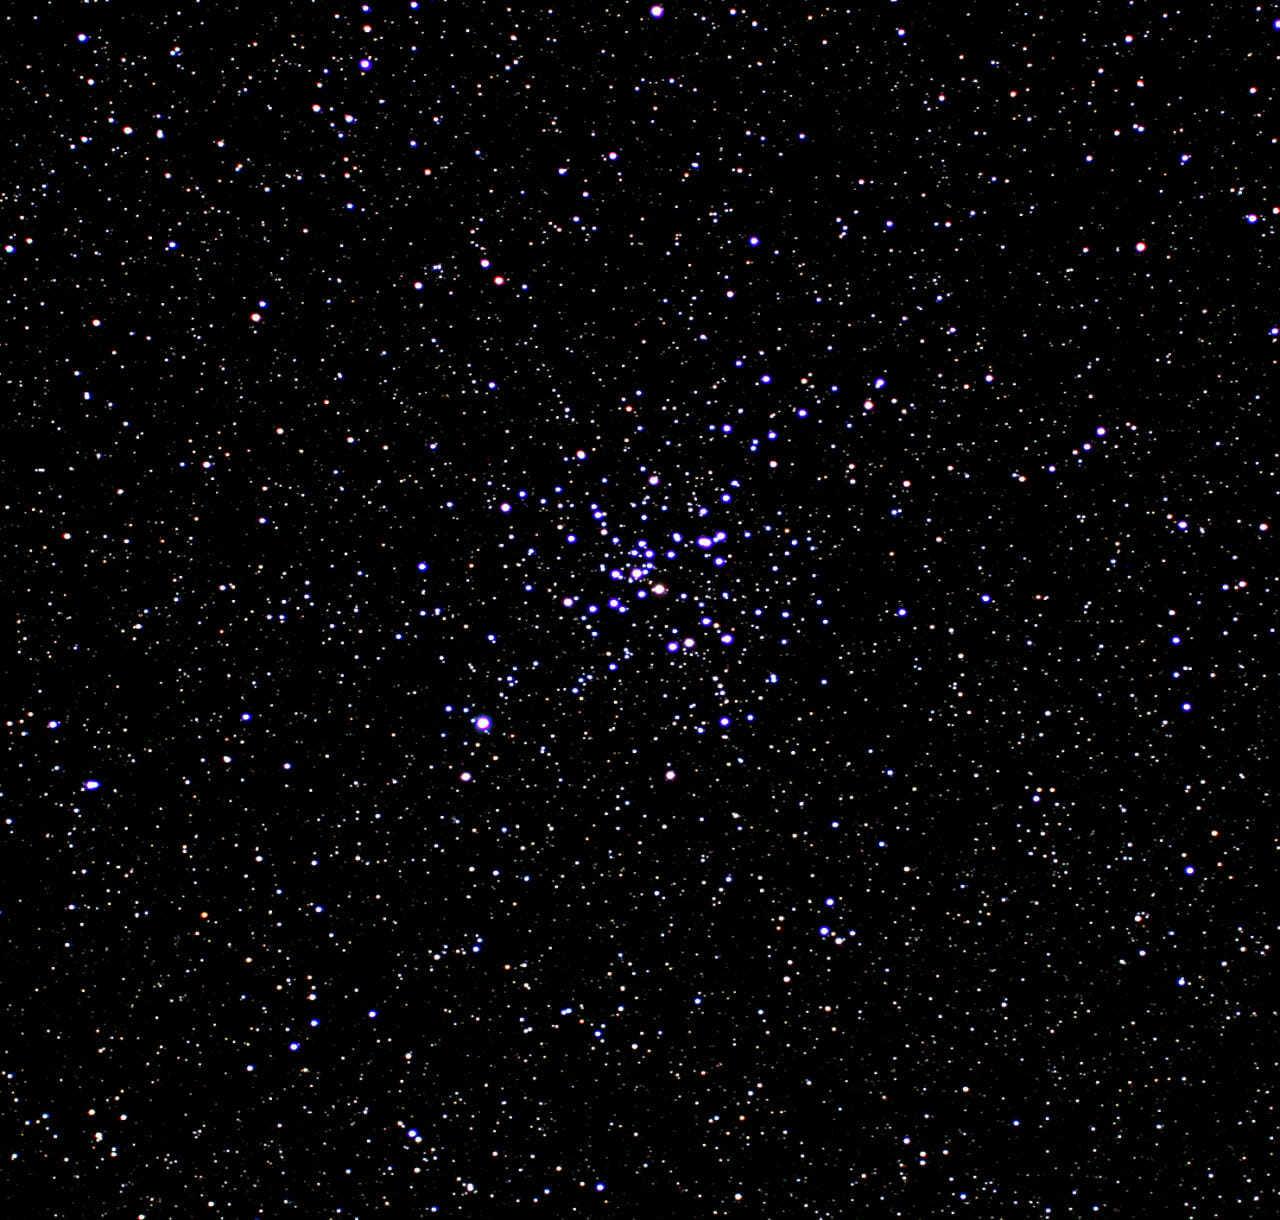 Почему звезды разного цвета? Описание, фото и видео